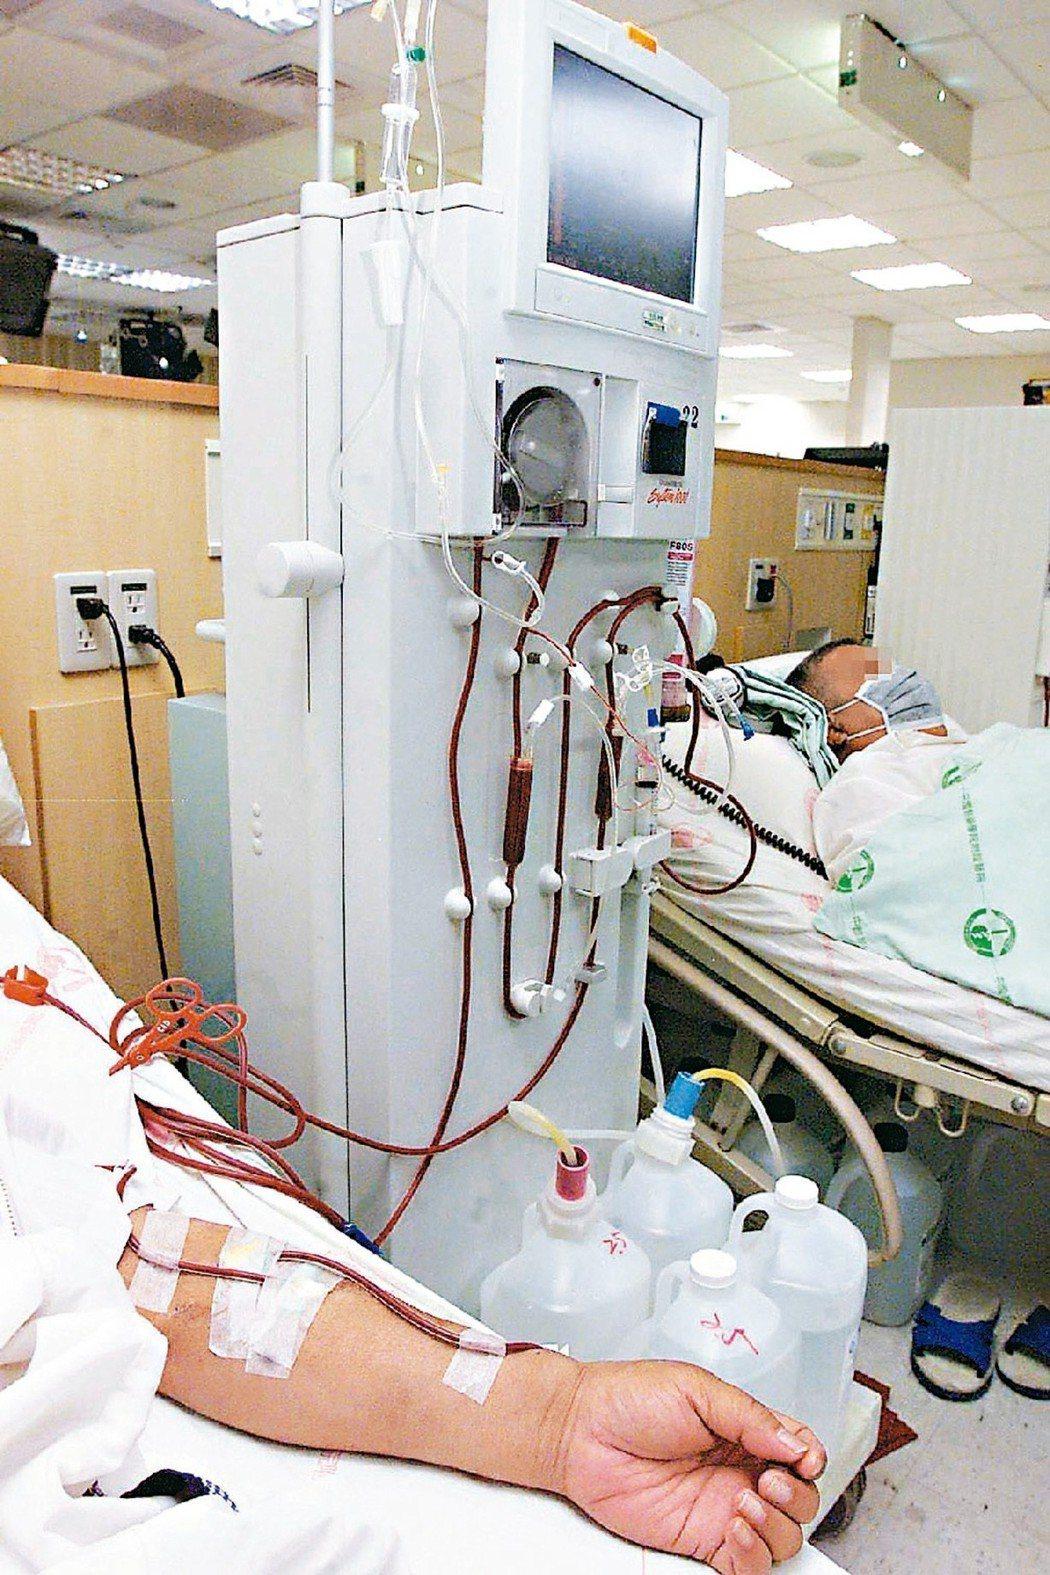 台大醫院爆發洗腎機器接錯管線的重大疏失,病安事件引發各界重視。圖中人物與新聞無關...